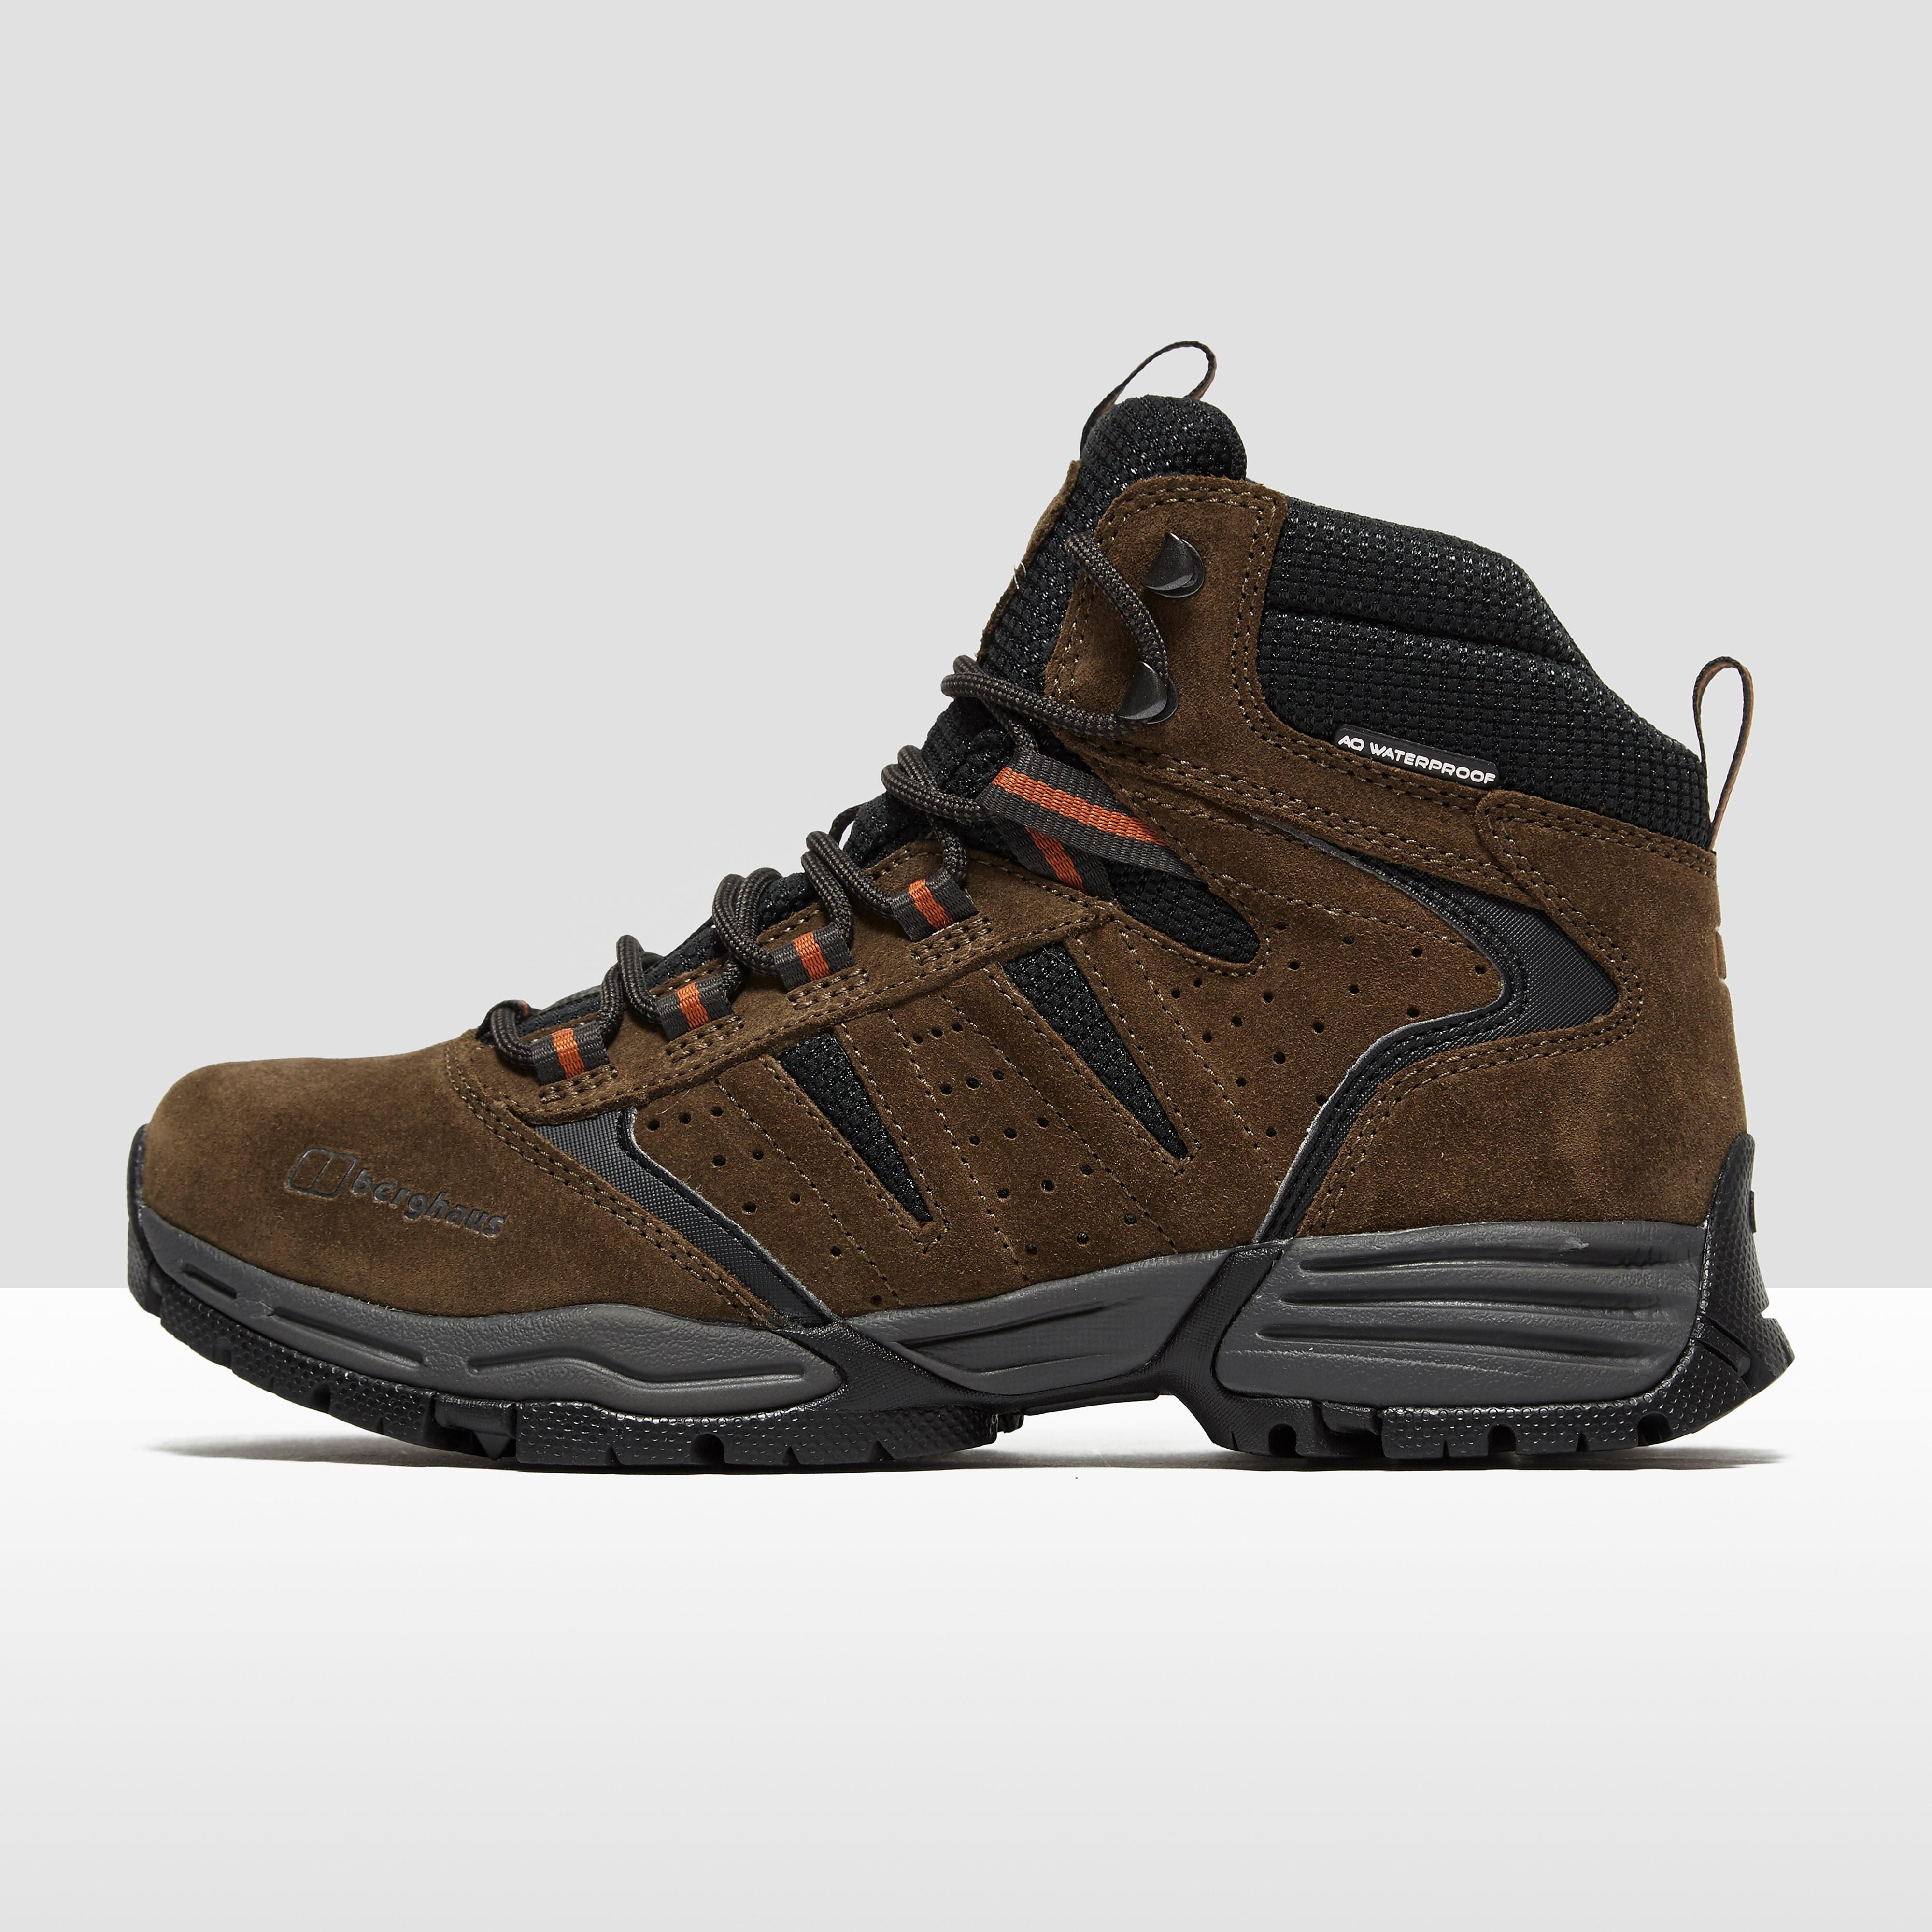 Berghaus Men's Expeditor Trek Walking Boots